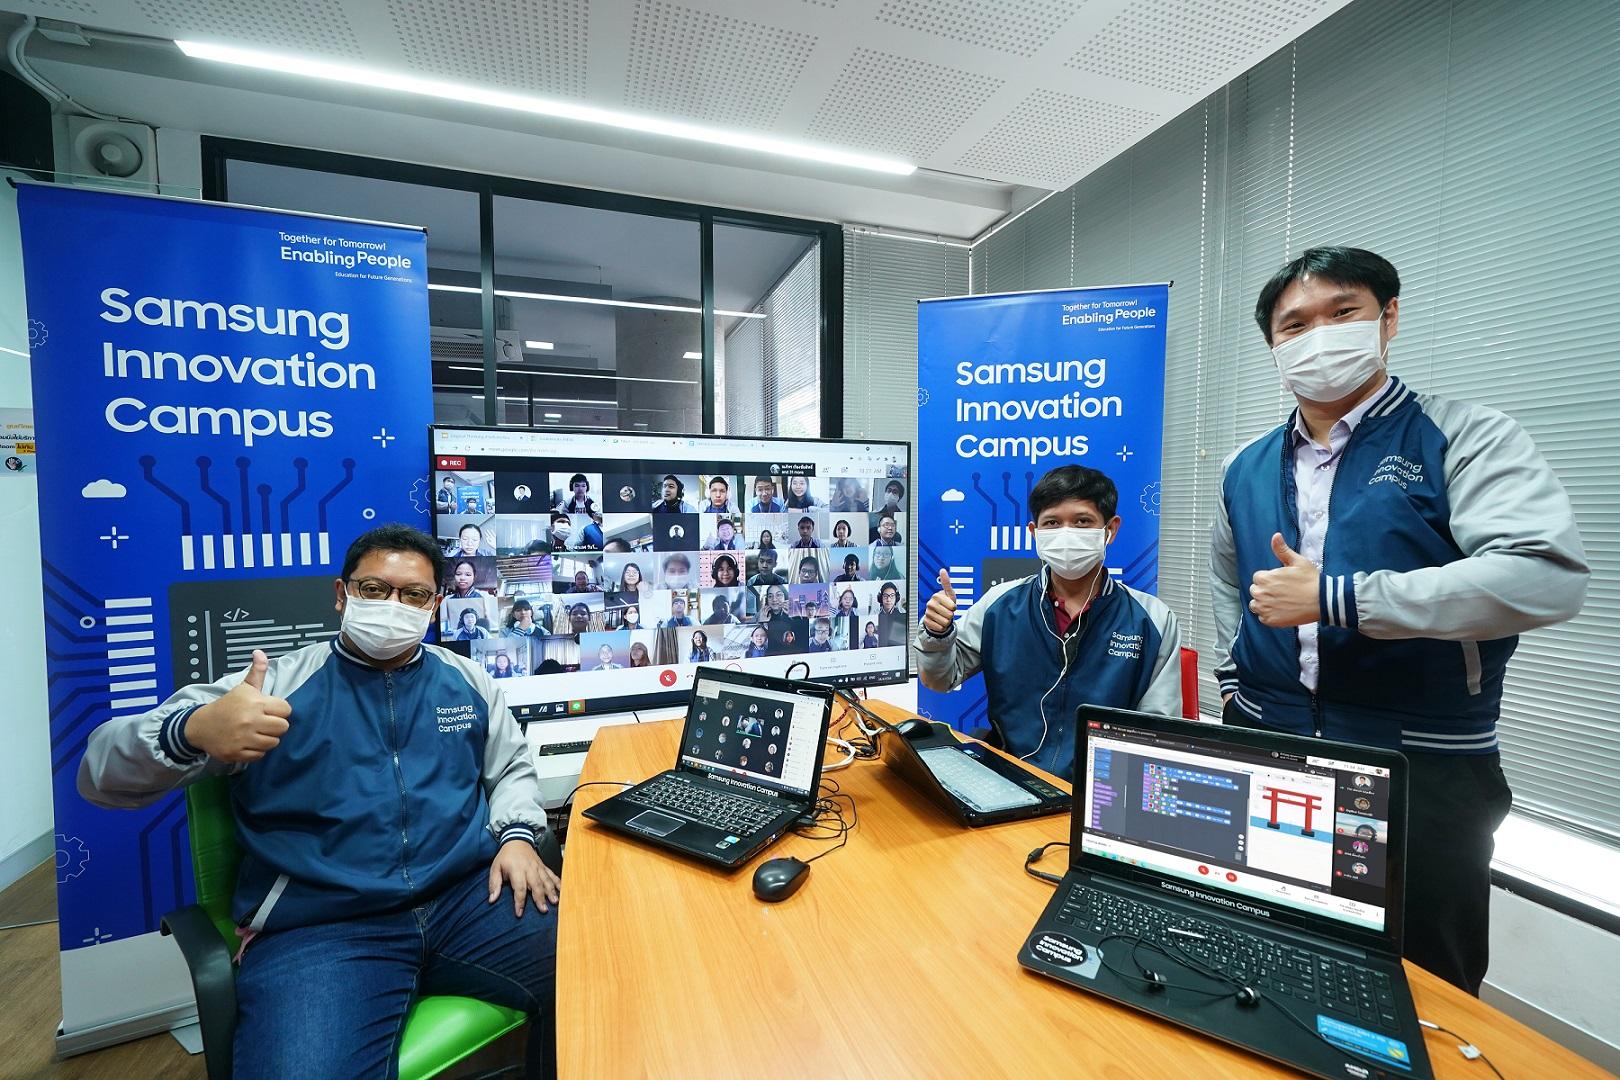 เริ่มแล้ว! Samsung Innovation Campus 2021 คอร์สอบรมโค้ดดิ้งออนไลน์